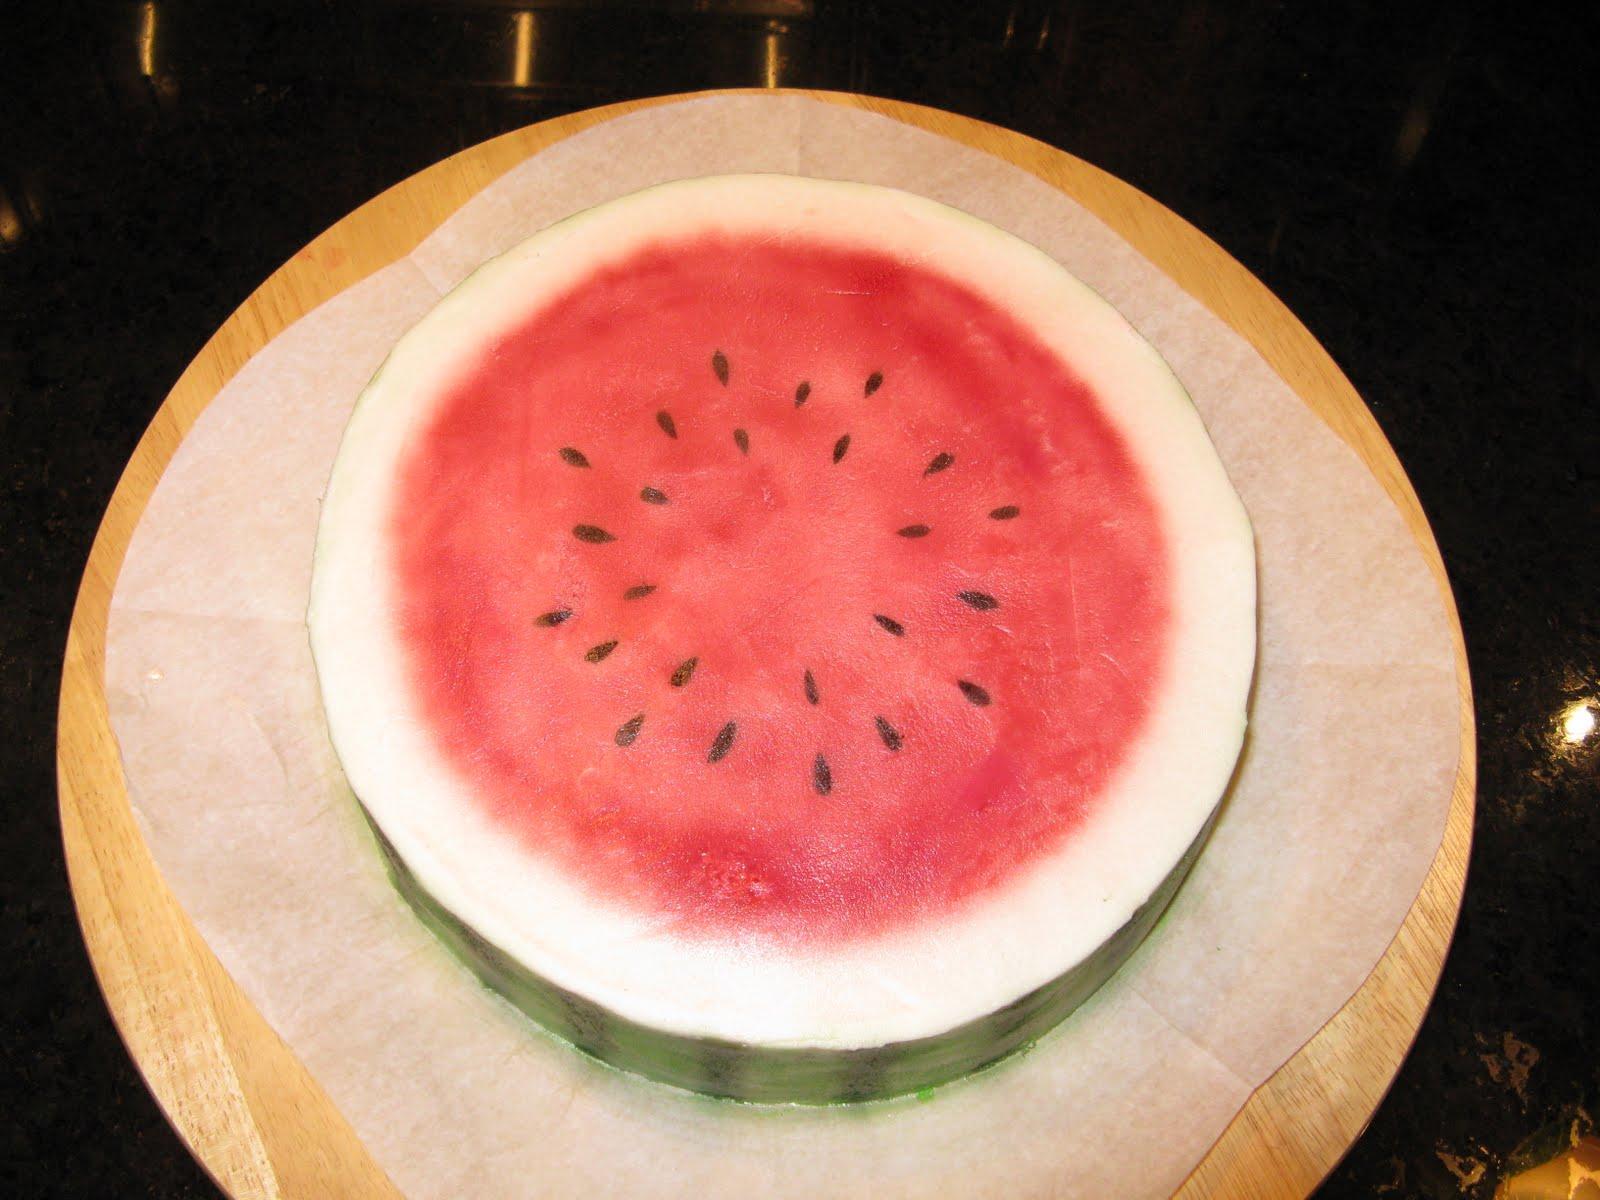 Recette gateau au melon d'eau